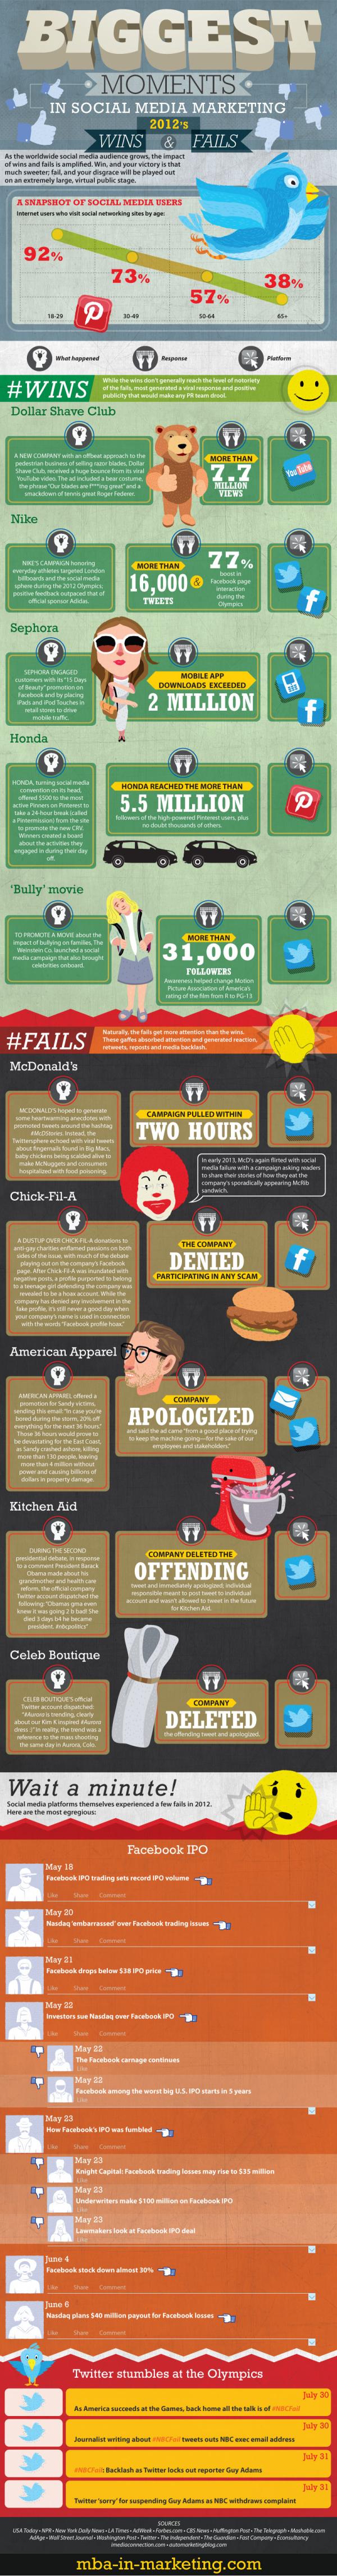 Milestones in Social Media Marketing resized 600